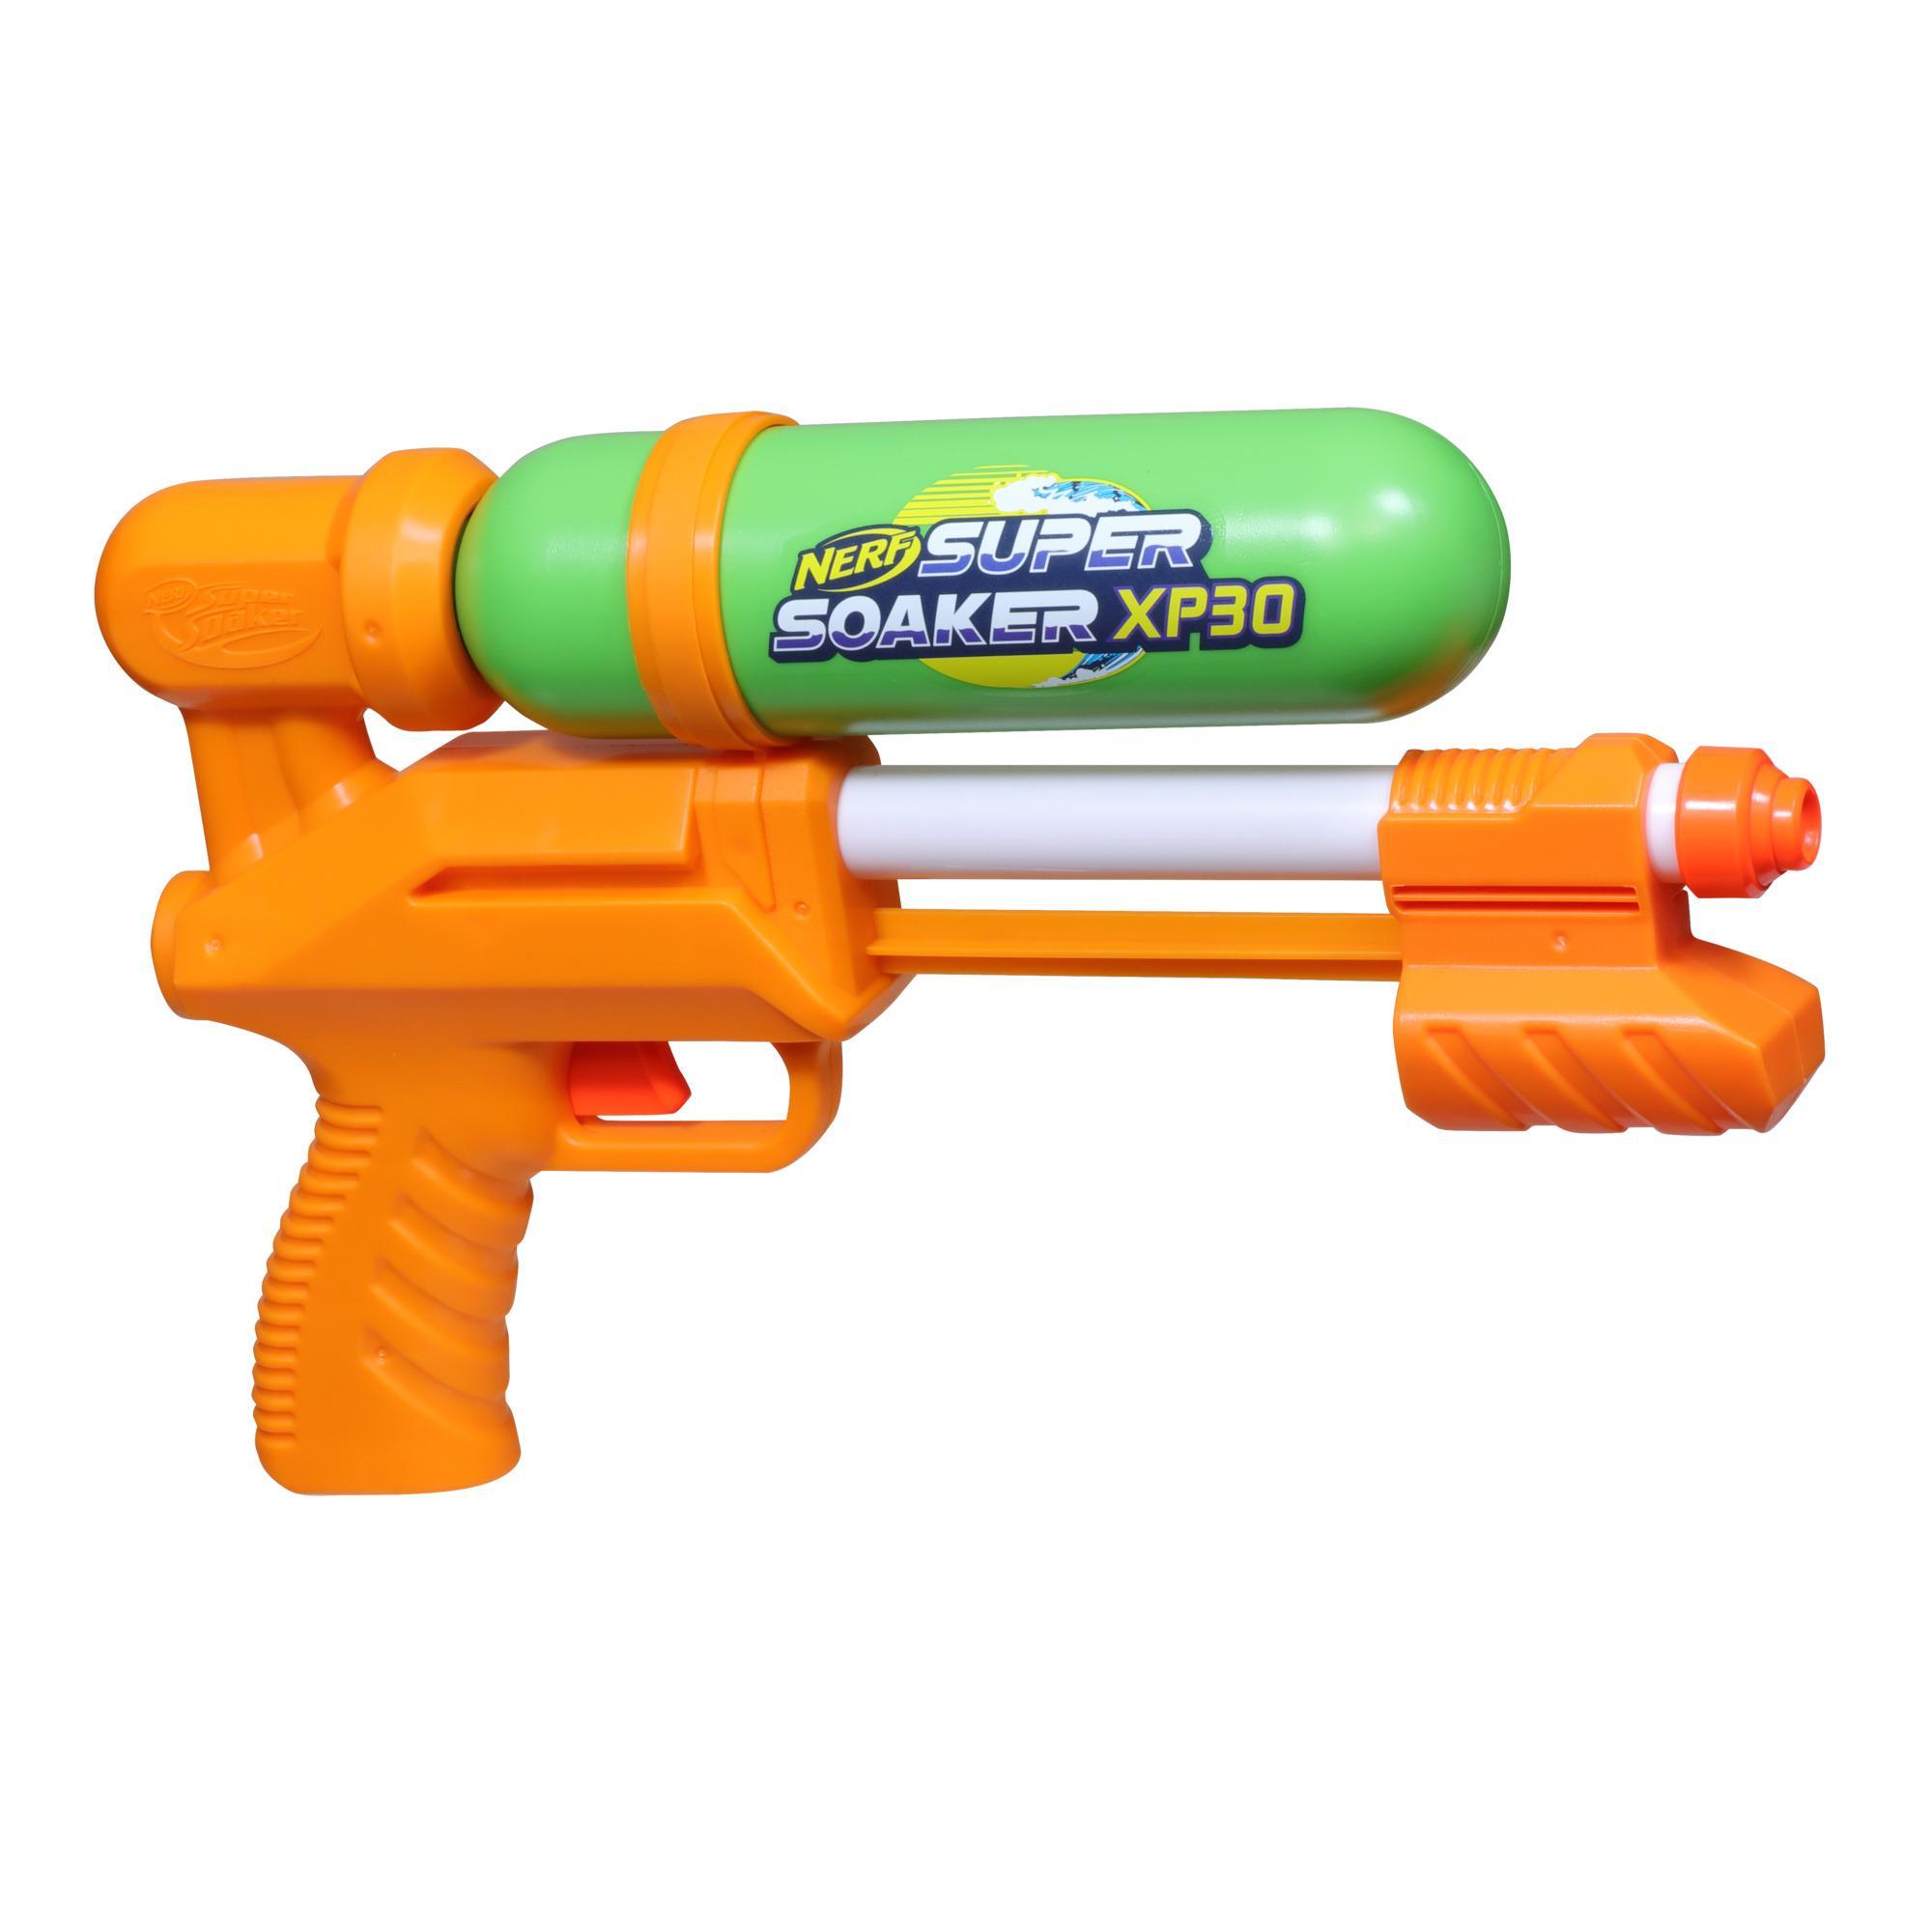 Nerf Super Soaker, blaster à eau XP30-AP, réservoir fait en plastique recyclé, jet d'eau continu à air comprimé